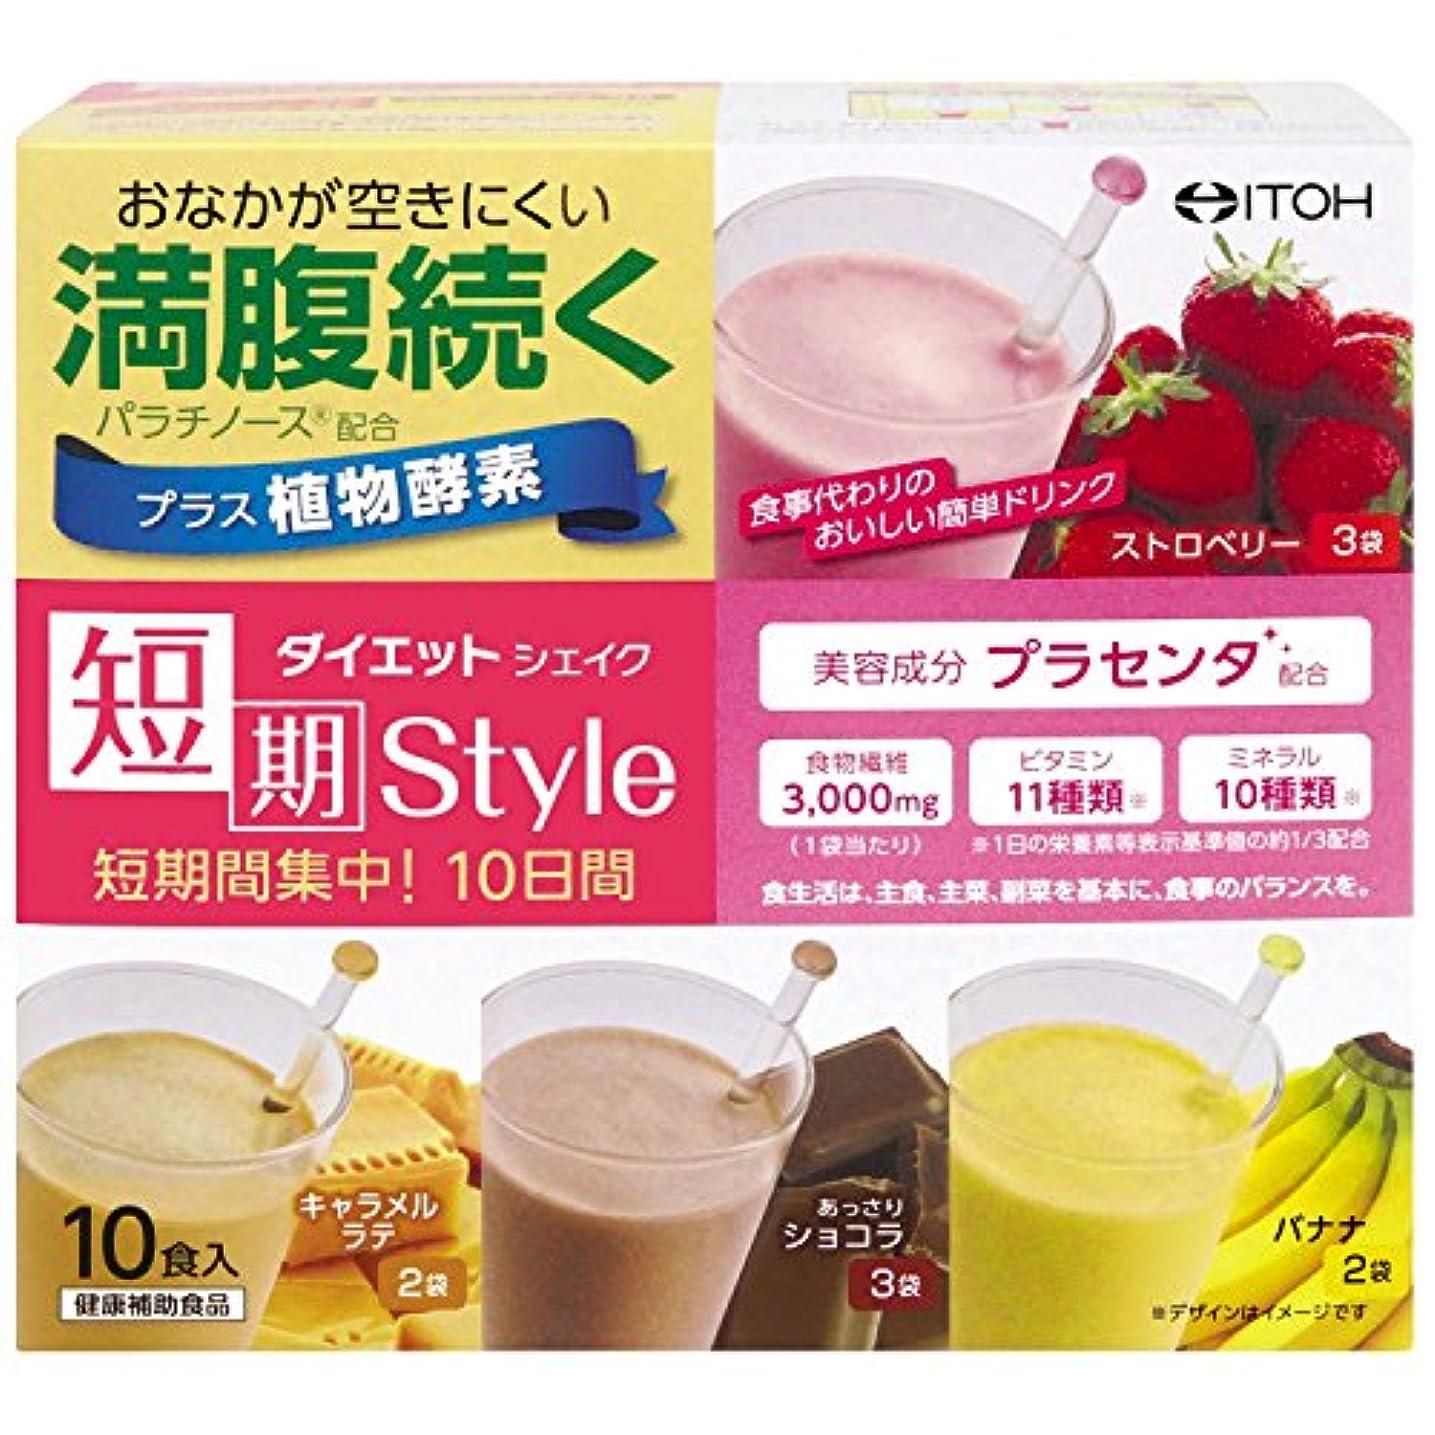 リブ盆地昼寝井藤漢方製薬 短期スタイル ダイエットシェイク 25g×10袋